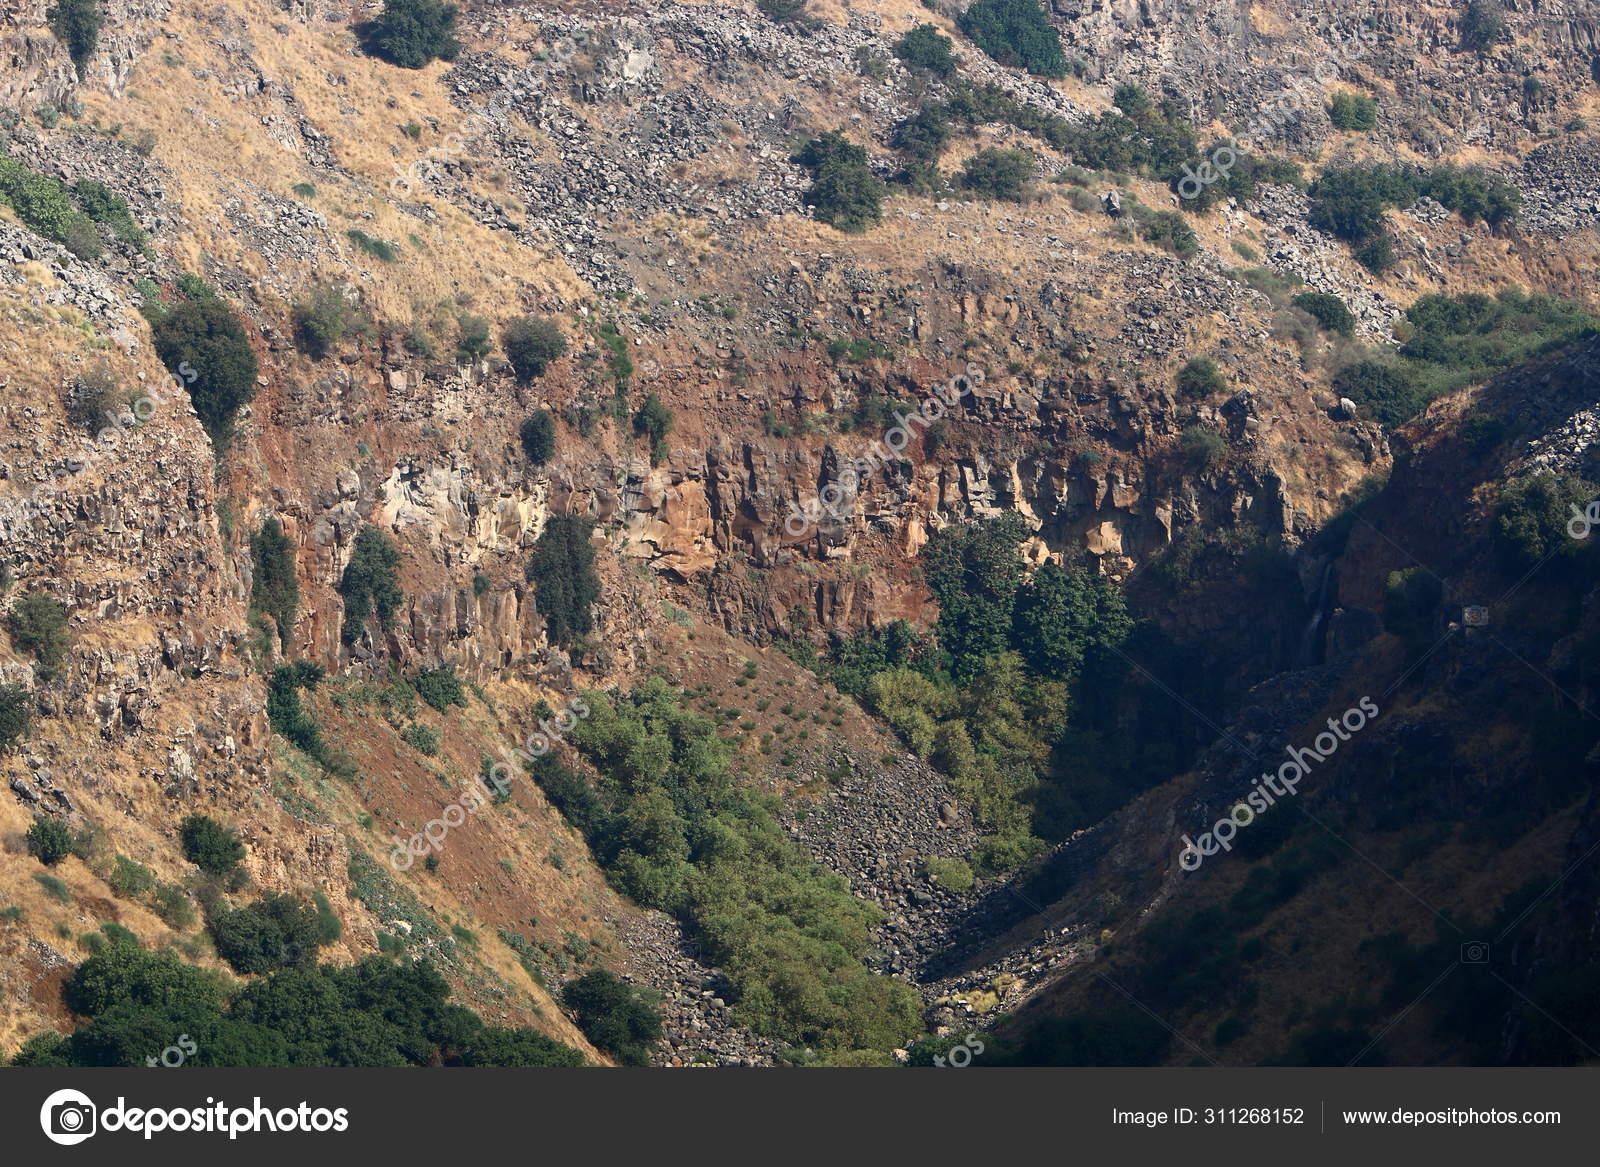 Texture Des Montagnes Des Rochers Dans Nord Etat Israel Photographie Shimonbar Mail Ru C 311268152